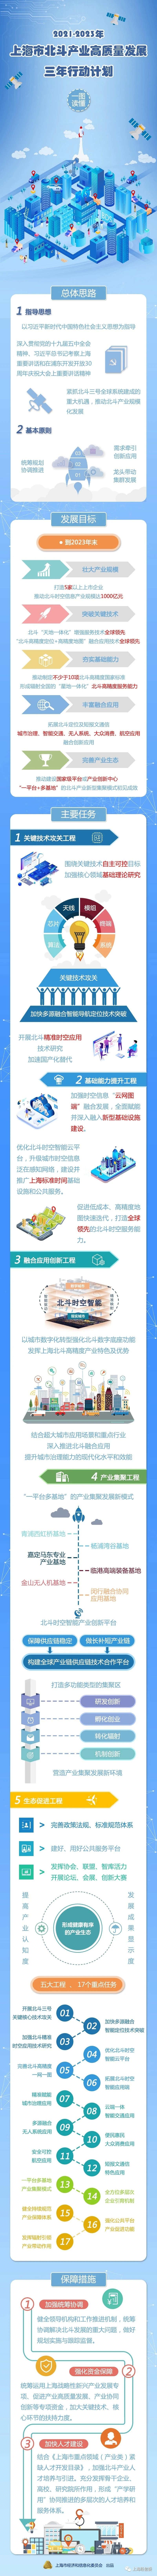 一图读懂!上海未来3年北斗产业高质量发展计划公布